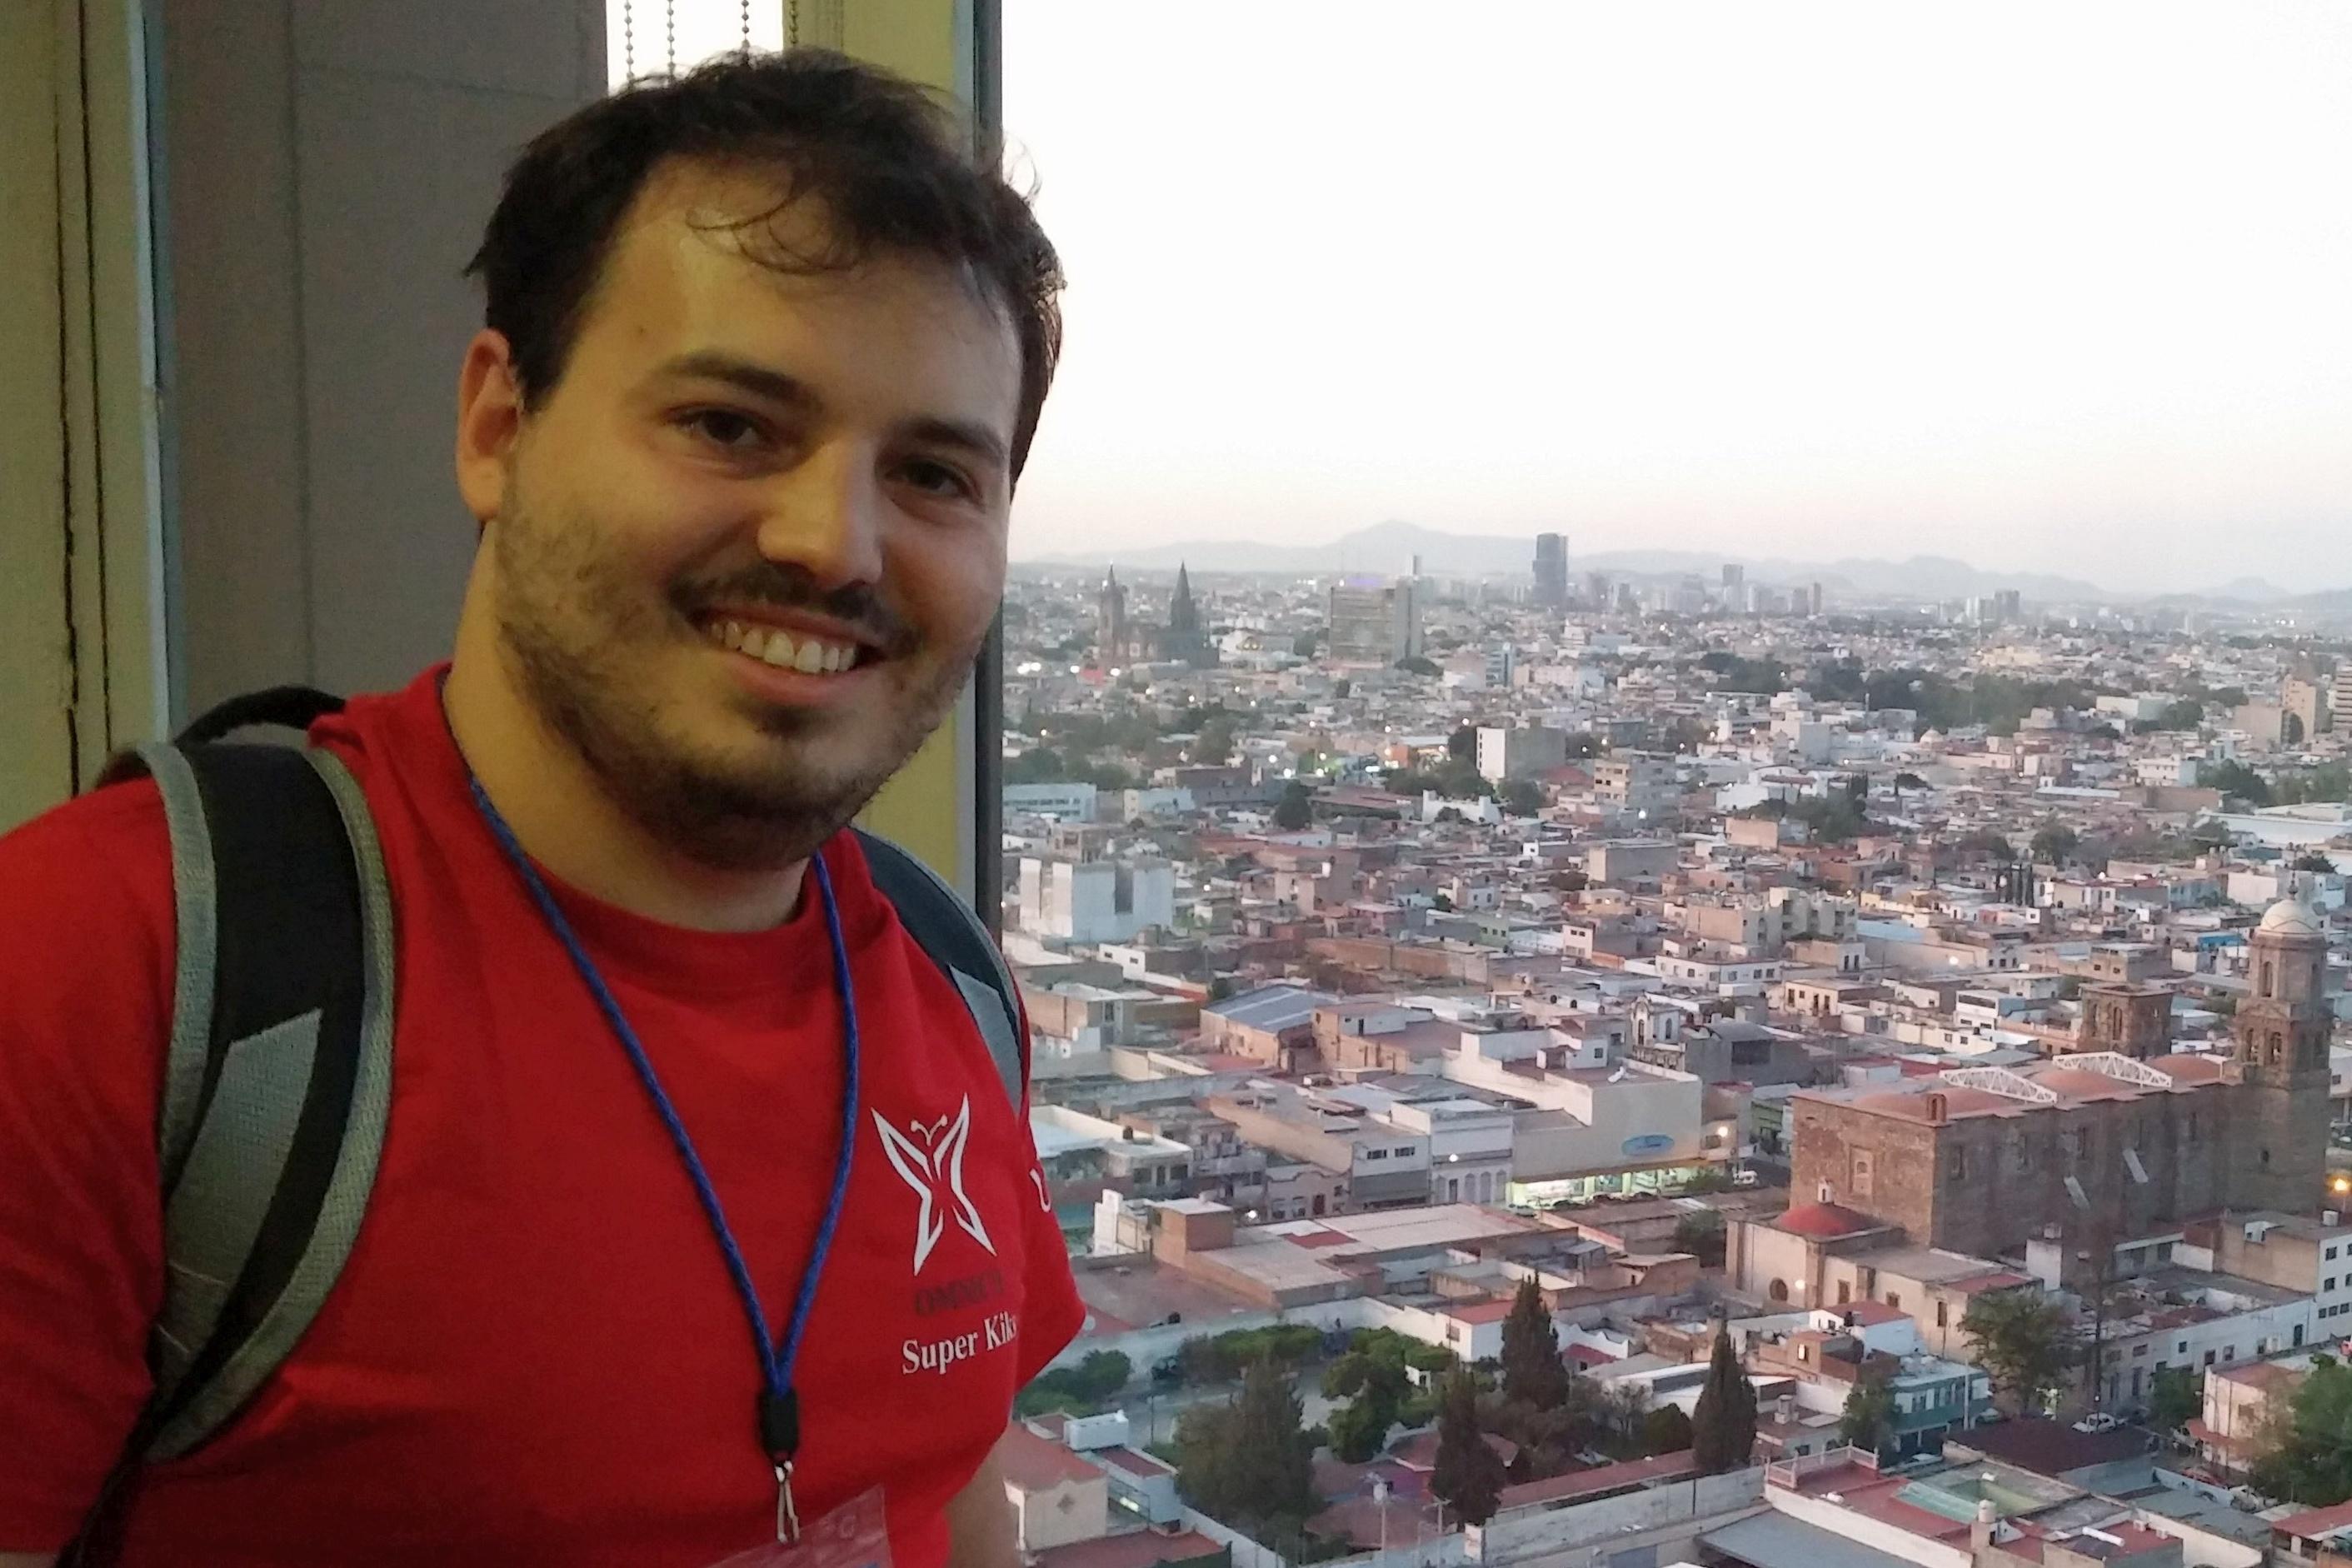 Enrique Treviño López